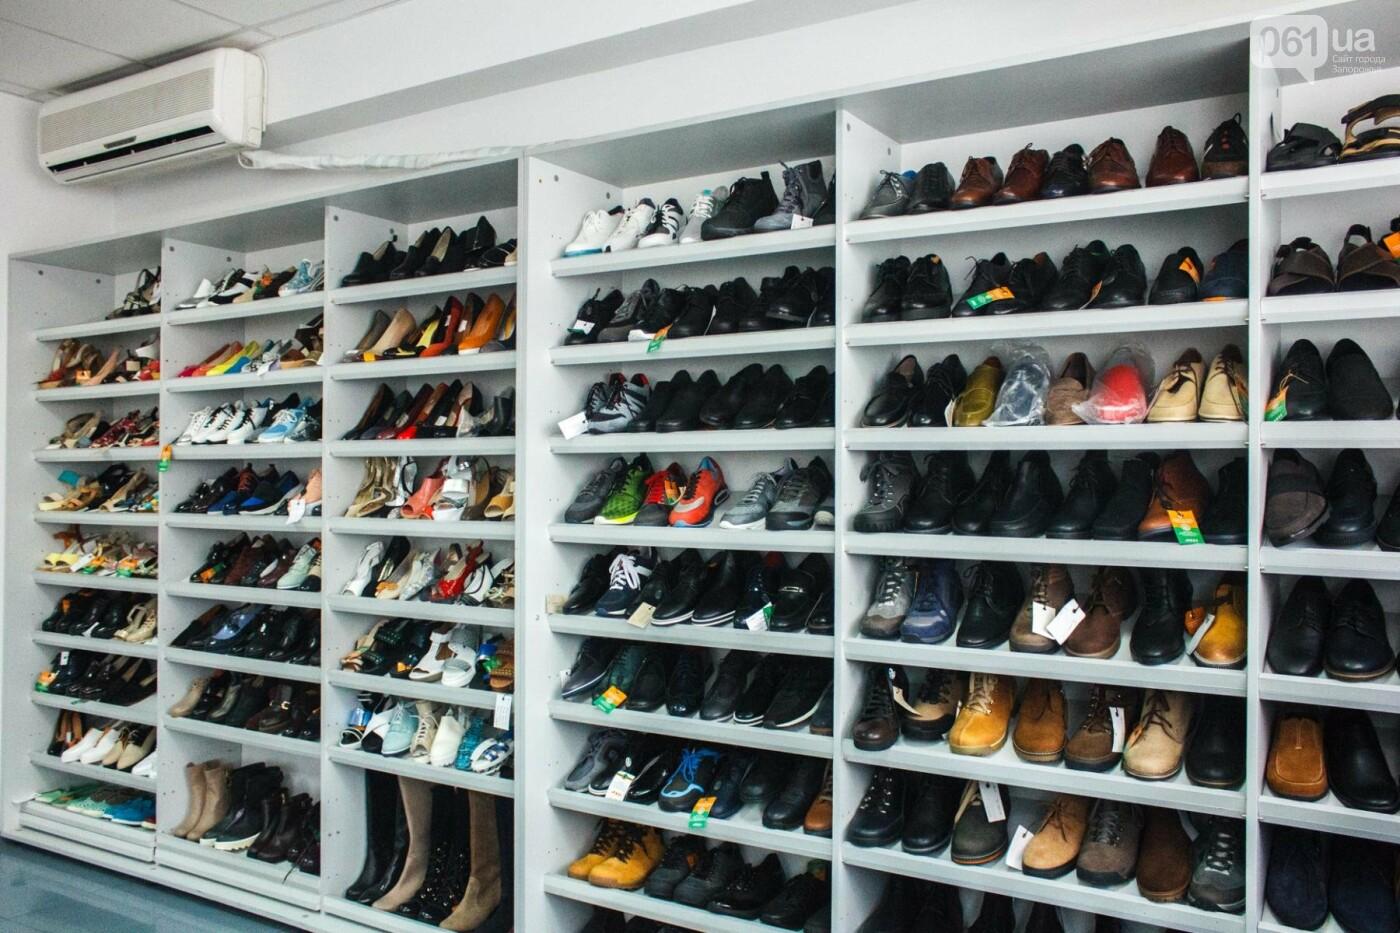 Как создается обувь: экскурсия на запорожскую обувную фабрику, – ФОТОРЕПОРТАЖ, фото-1